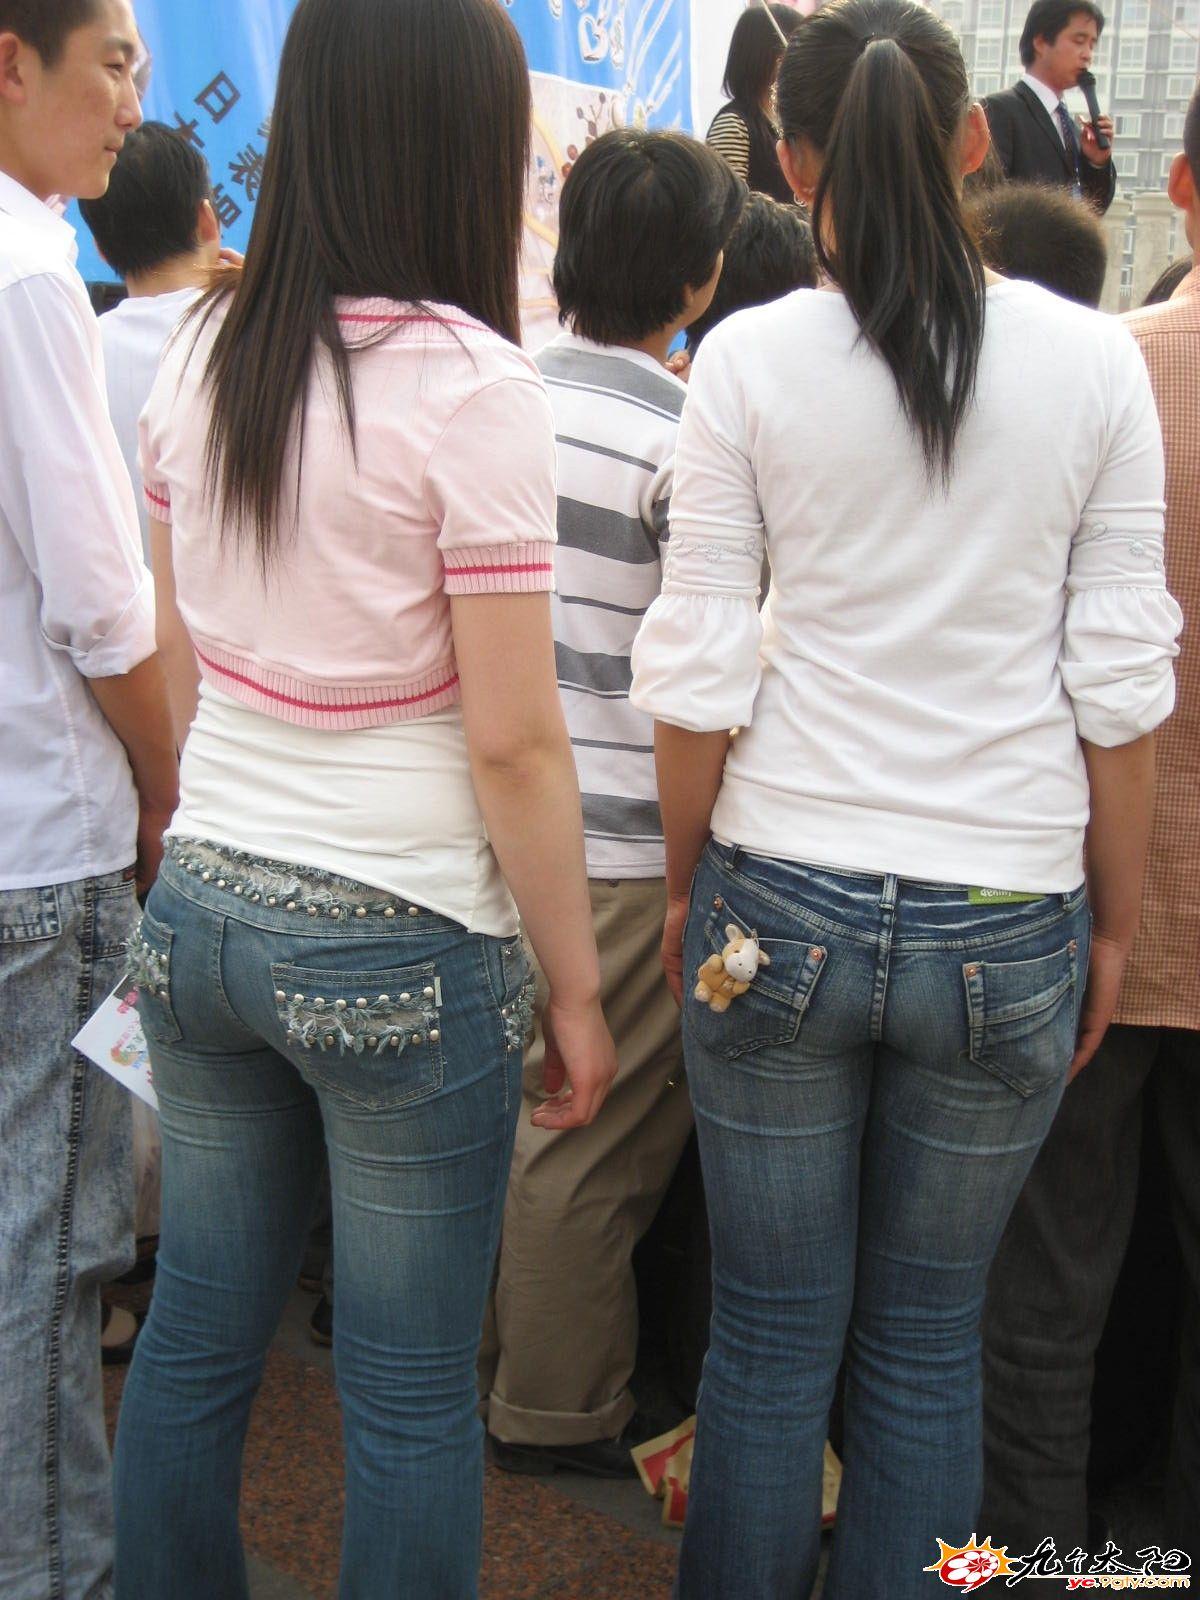 让你即刻想射的牛仔裤美少女